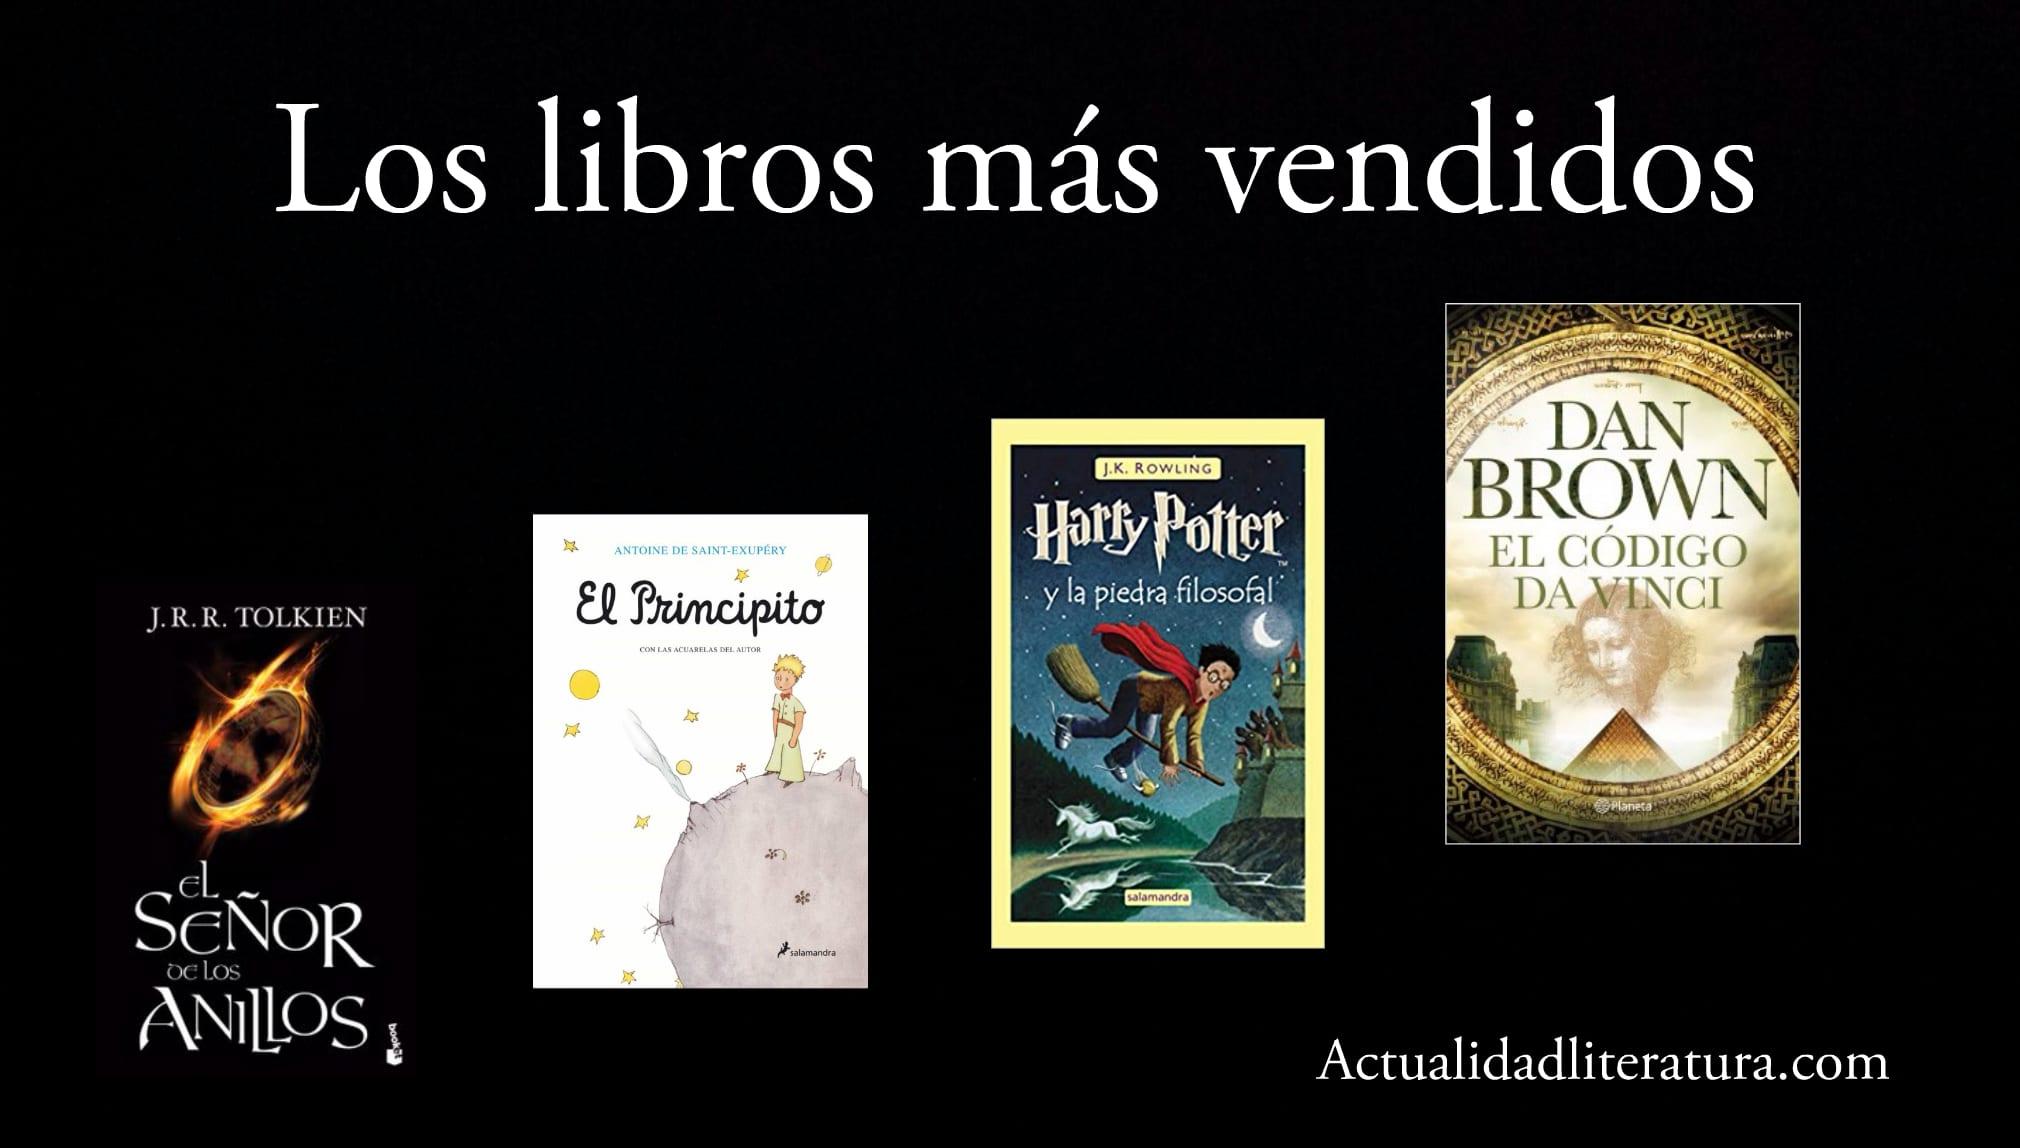 Los libros mas vendidos.